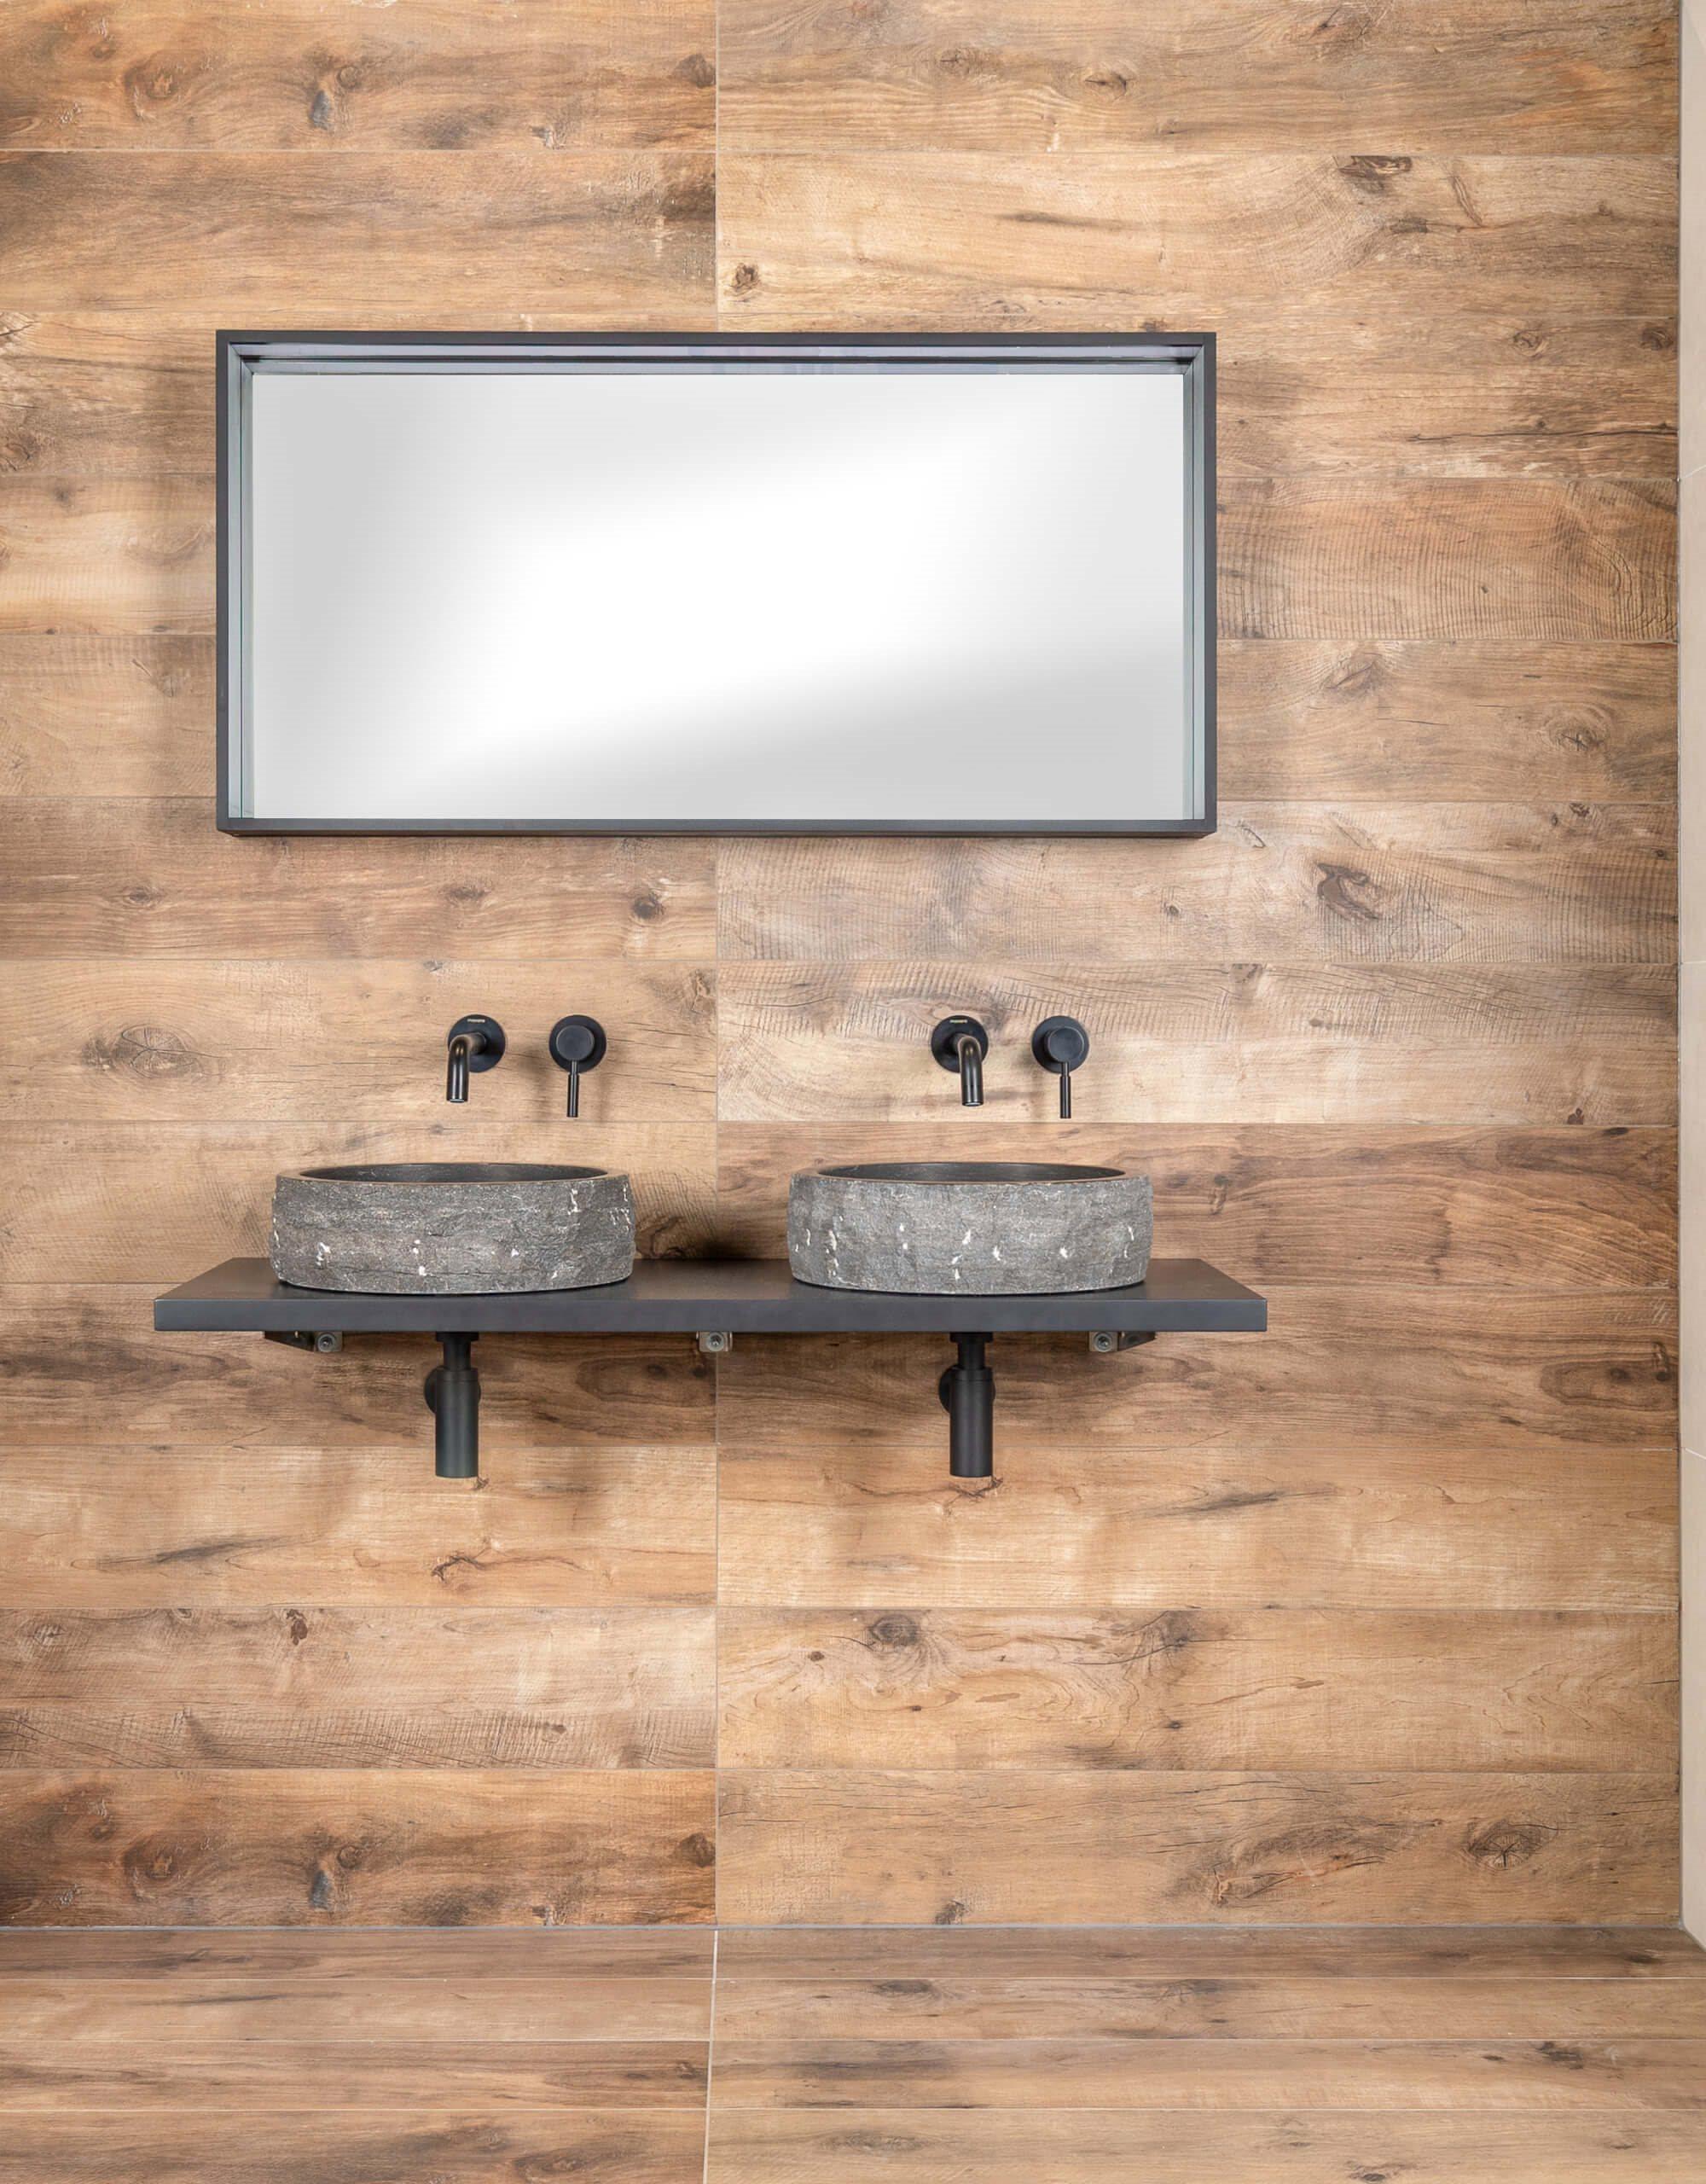 badkamer-houtlook-tegels.jpg